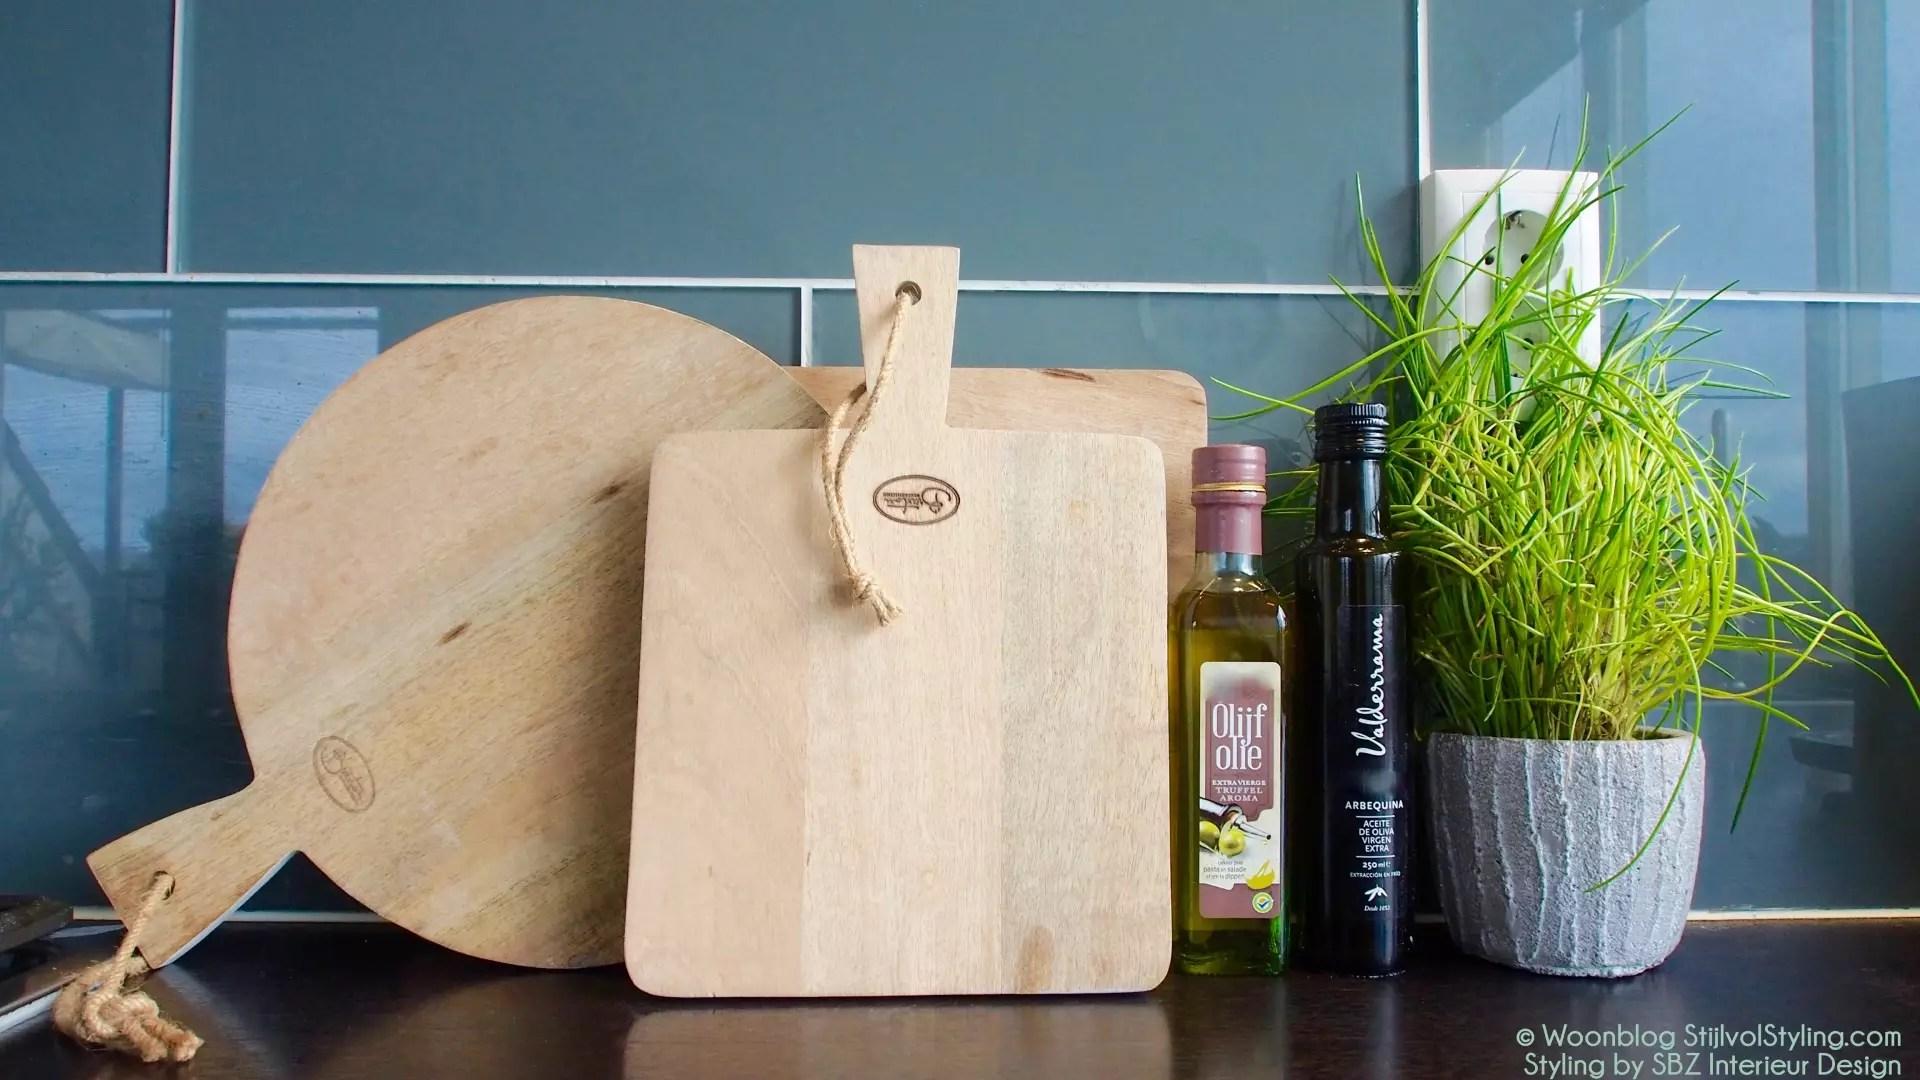 Inspiratie Keuken Decoratie : Interieur jouw keuken praktisch en stijlvol inrichten u2022 stijlvol